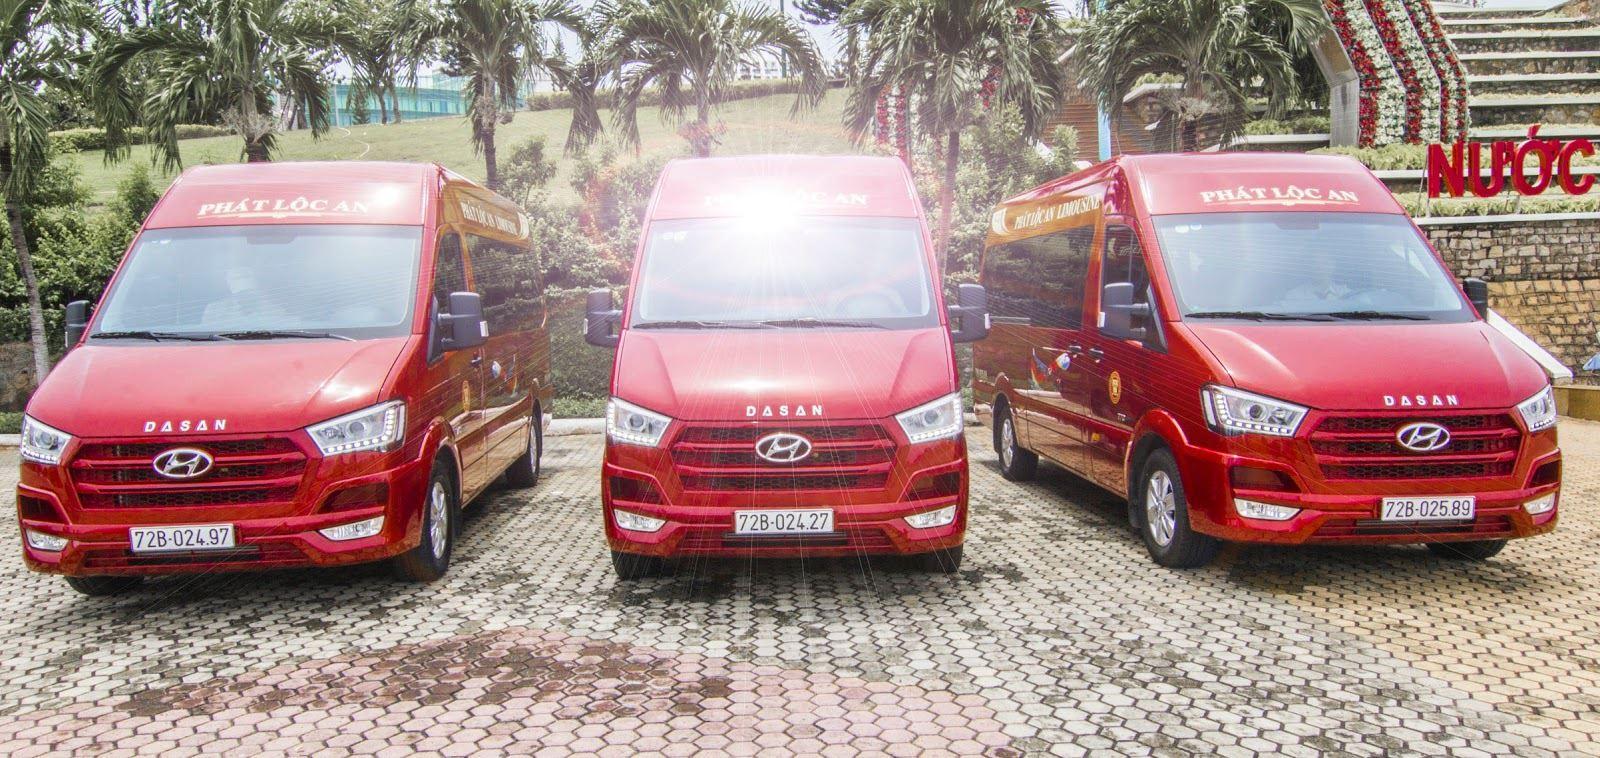 Phát Lộc An đầu tư thêm dòng xe Dasan Solati Limousine với ghế ngồi massage phục vụ hành khách